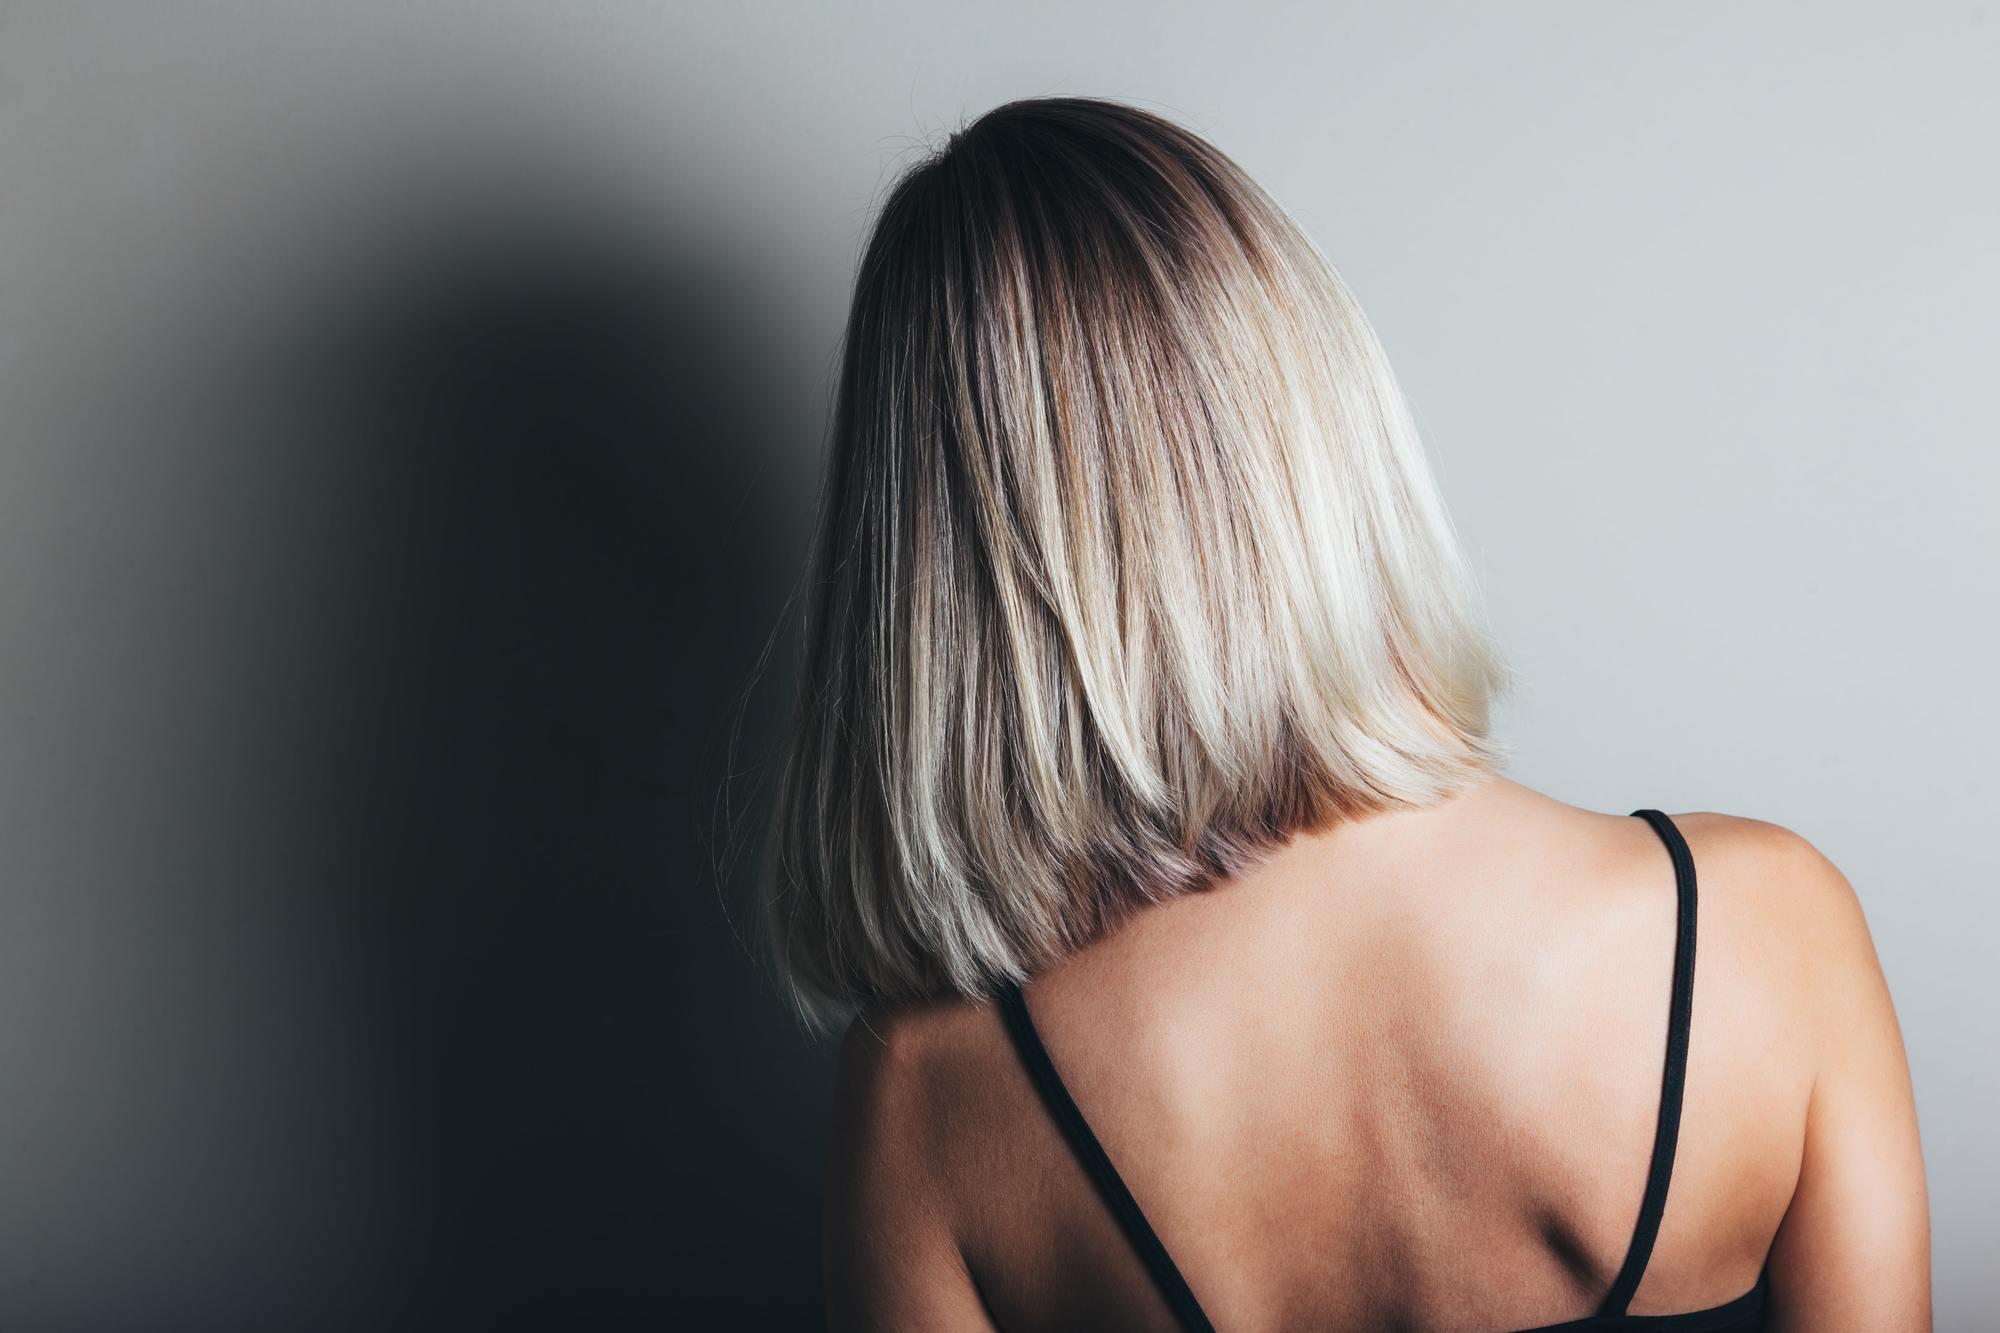 Femme avec une coupe de cheveux blonde